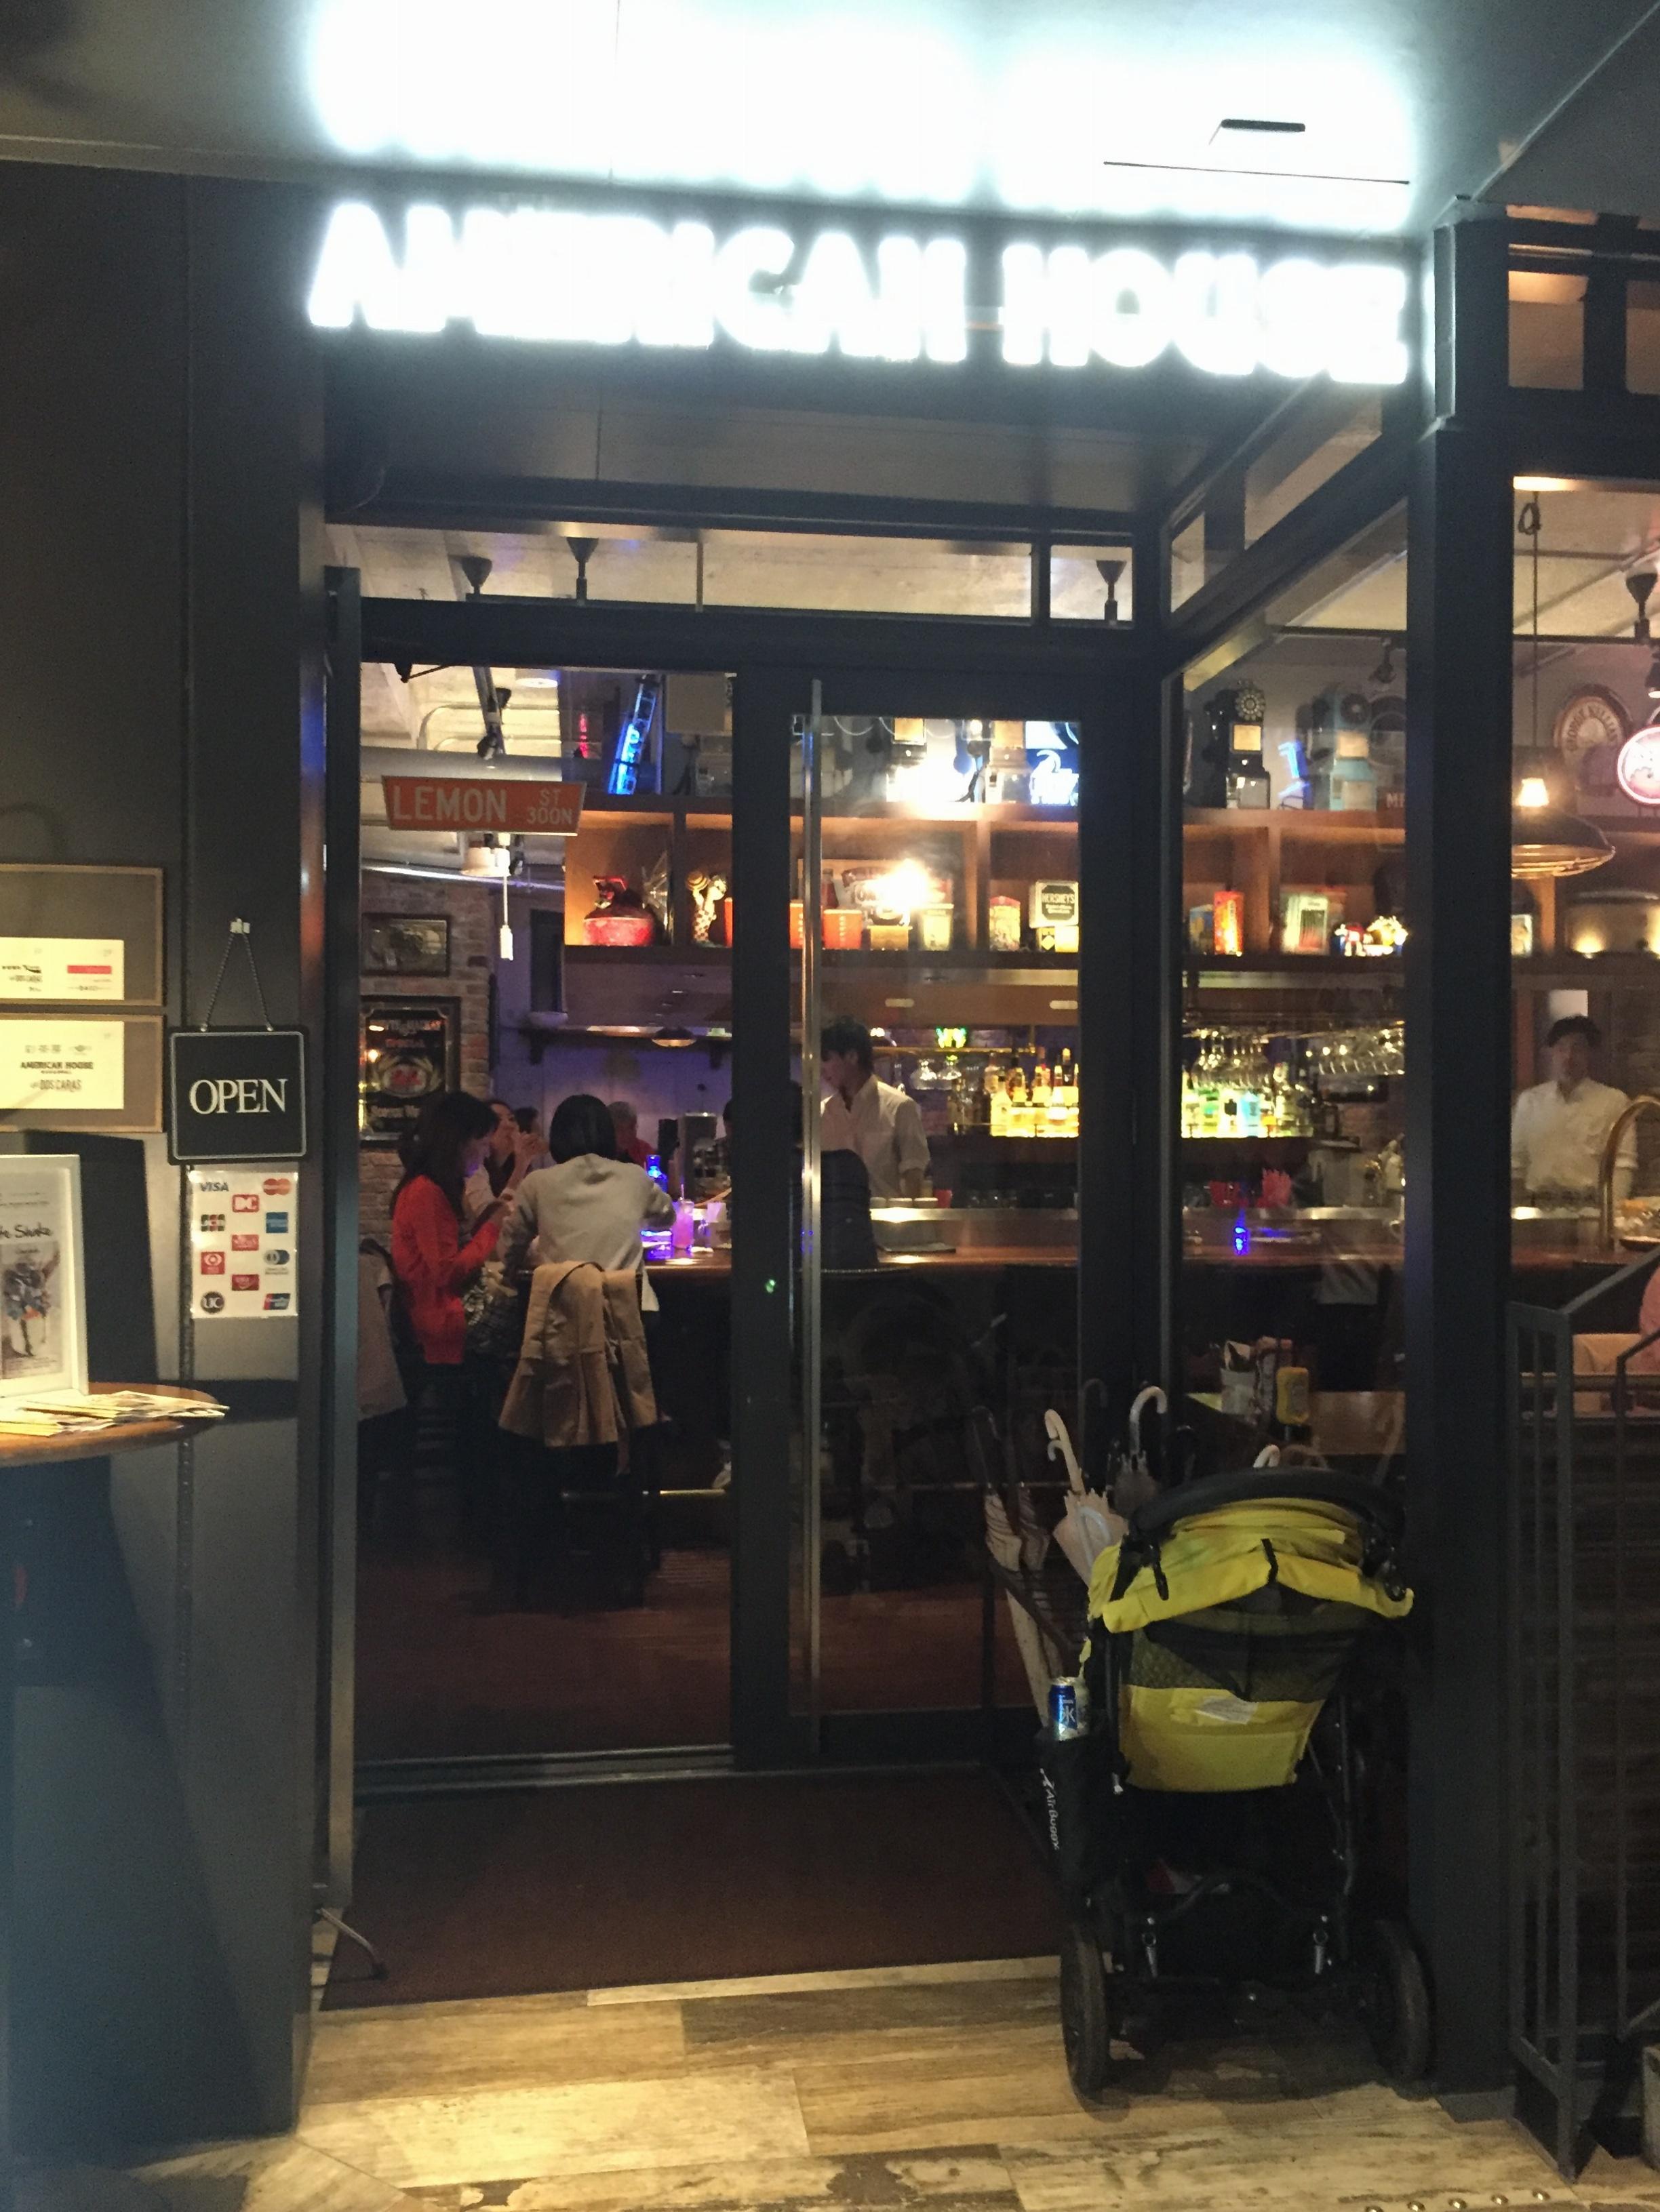 原宿駅から徒歩2分。日本初上陸多数!!大人向け飲食店が集まる【*CASCADE原宿*】のディナーがおすすめ♪  _4